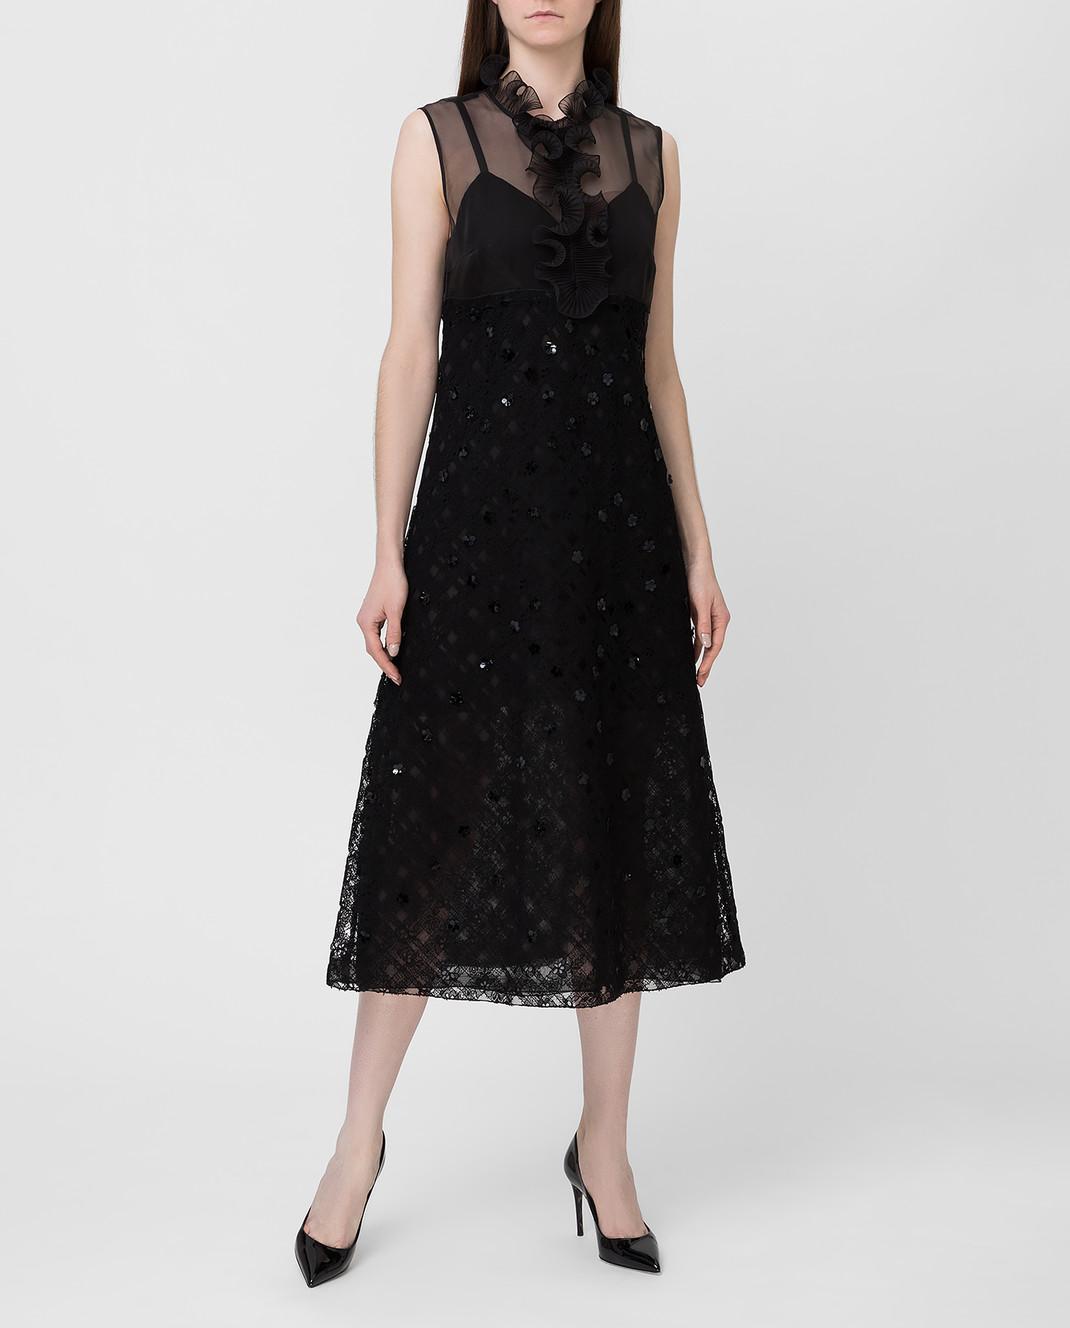 Bottega Veneta Черное платье с пайетками 523986 изображение 2